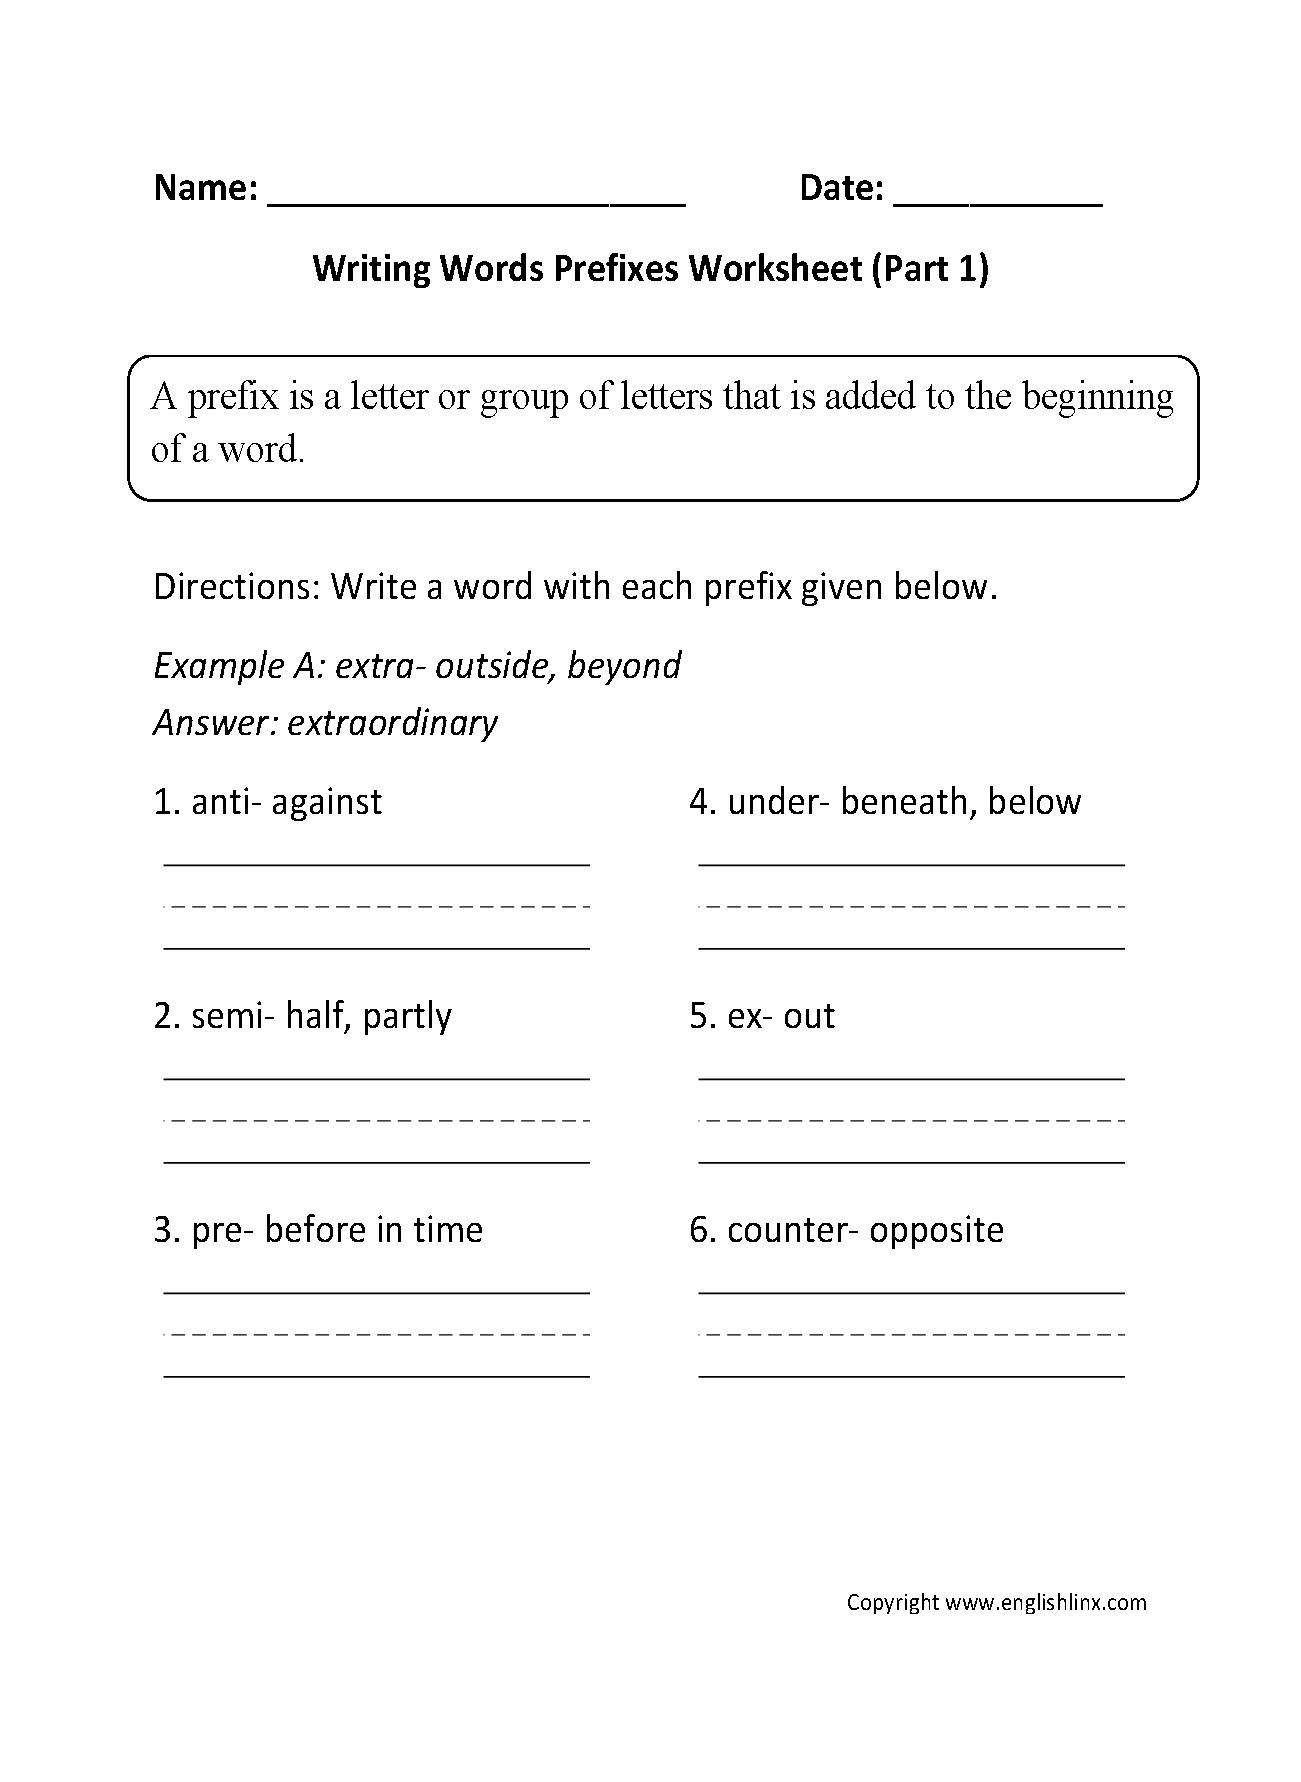 Englishlinx | Prefixes Worksheets | 10Th Grade Language Arts Printable Worksheets